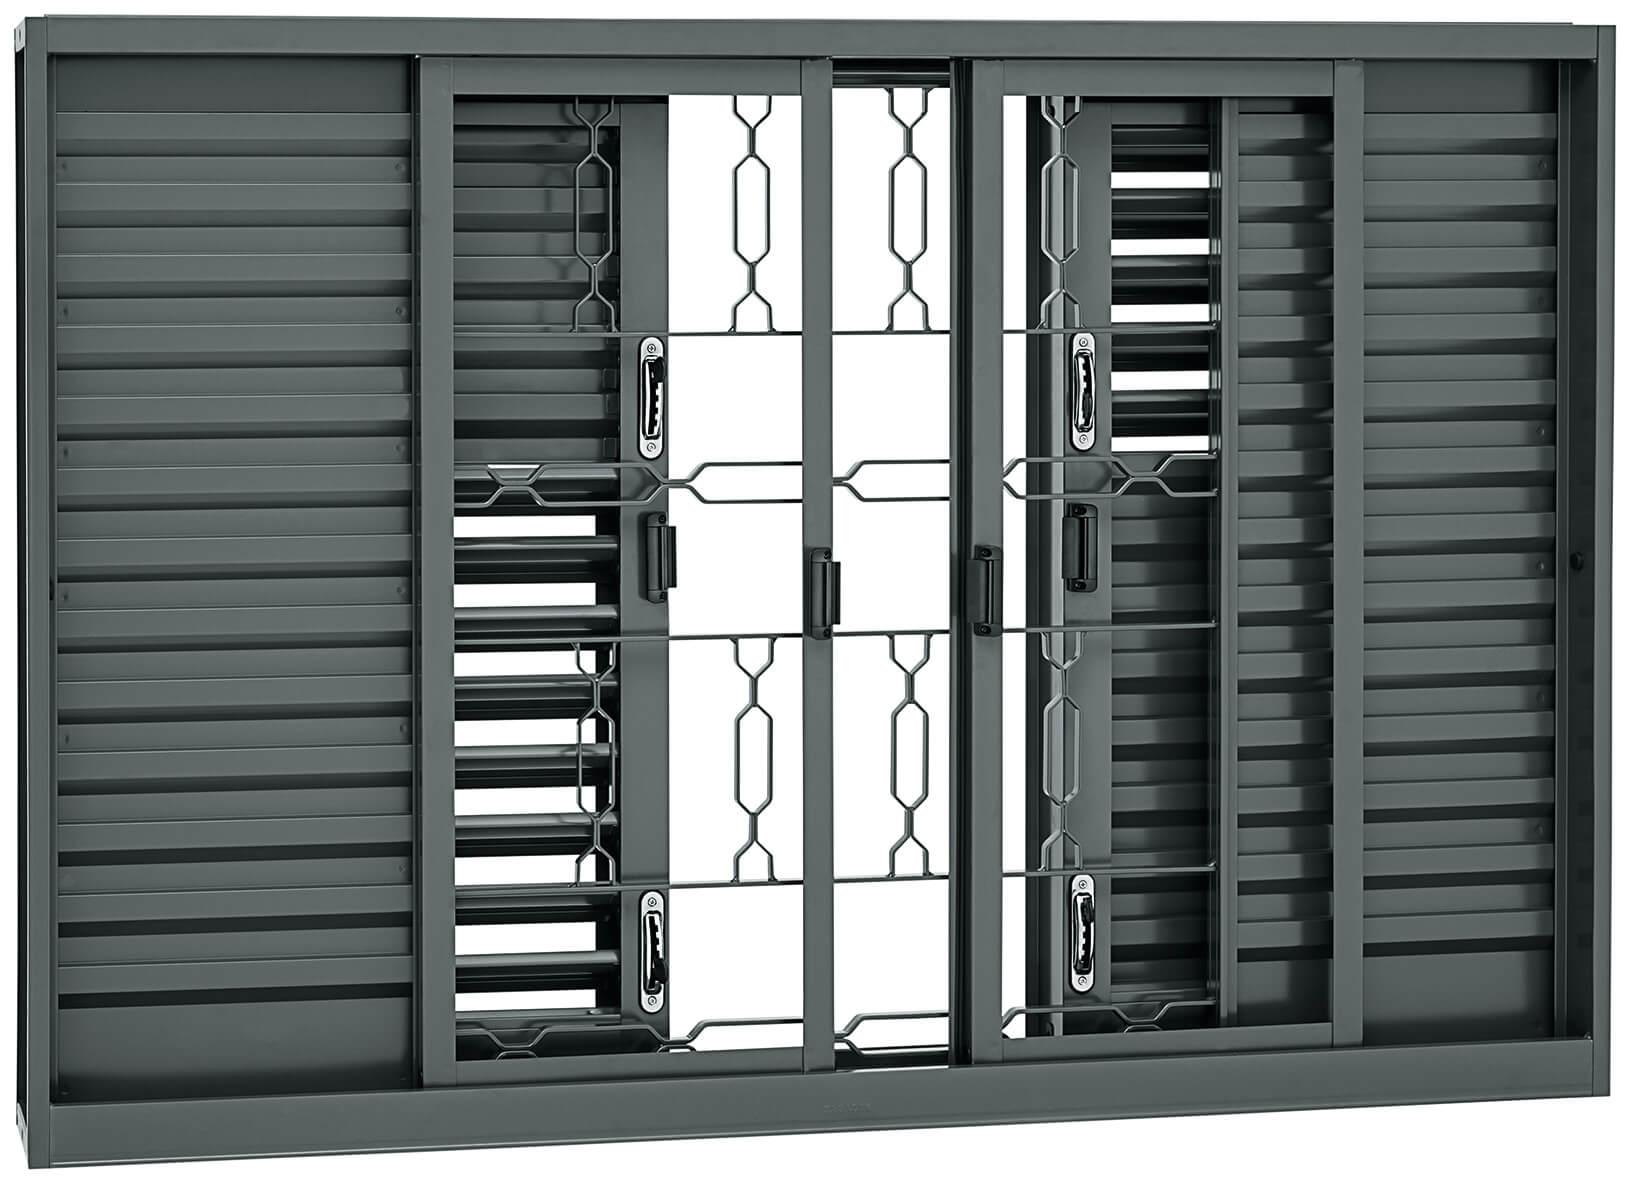 Silenfort Veneziana Multiflex - 1.00x2.00x0.16 Sasazaki Ref. 61.21.122-5